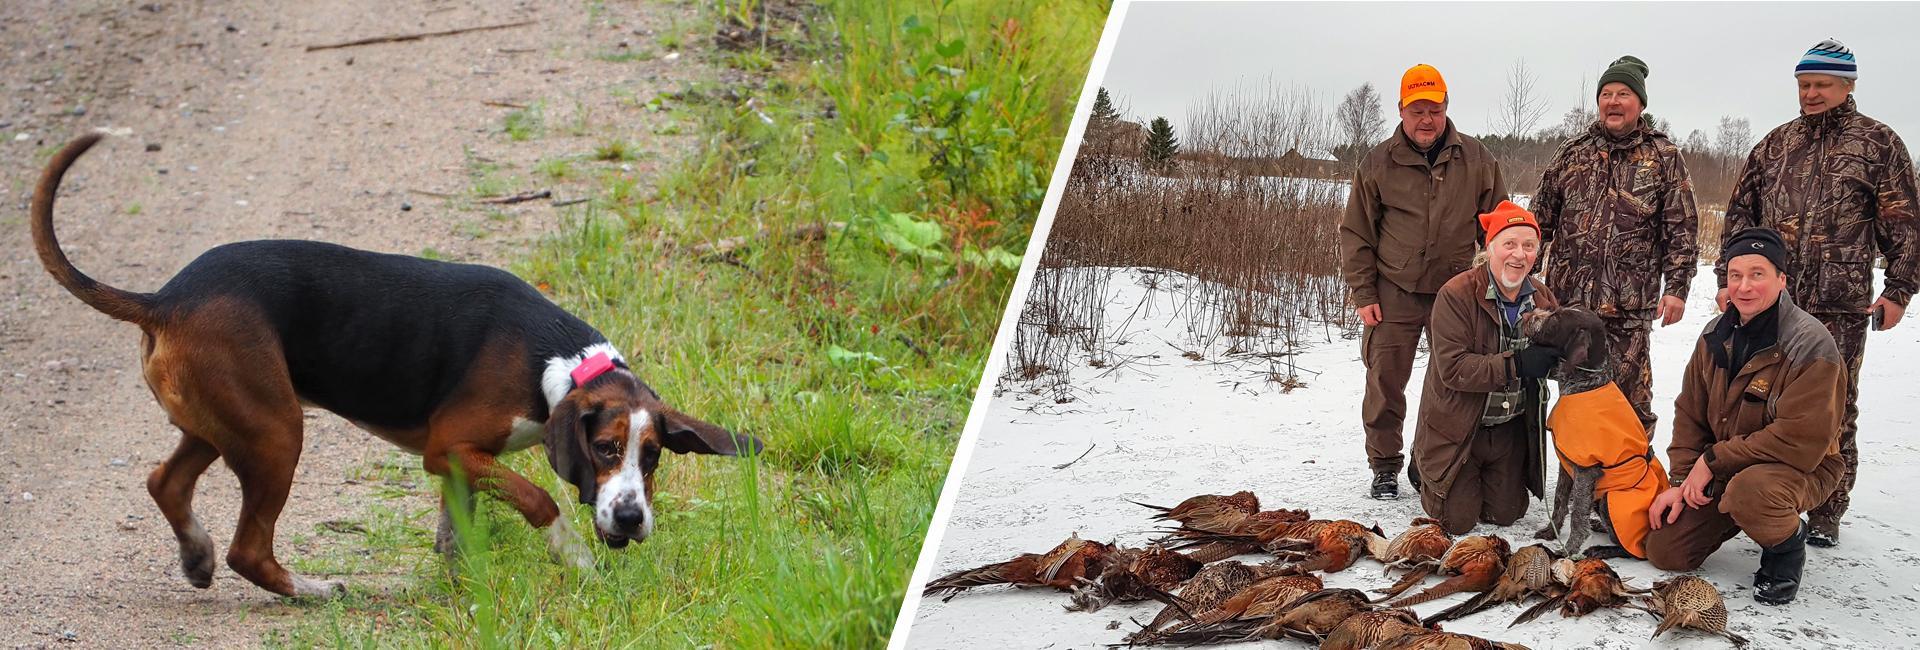 Erätaika-messujen takana työskentelee kaksi koirajärjestöä